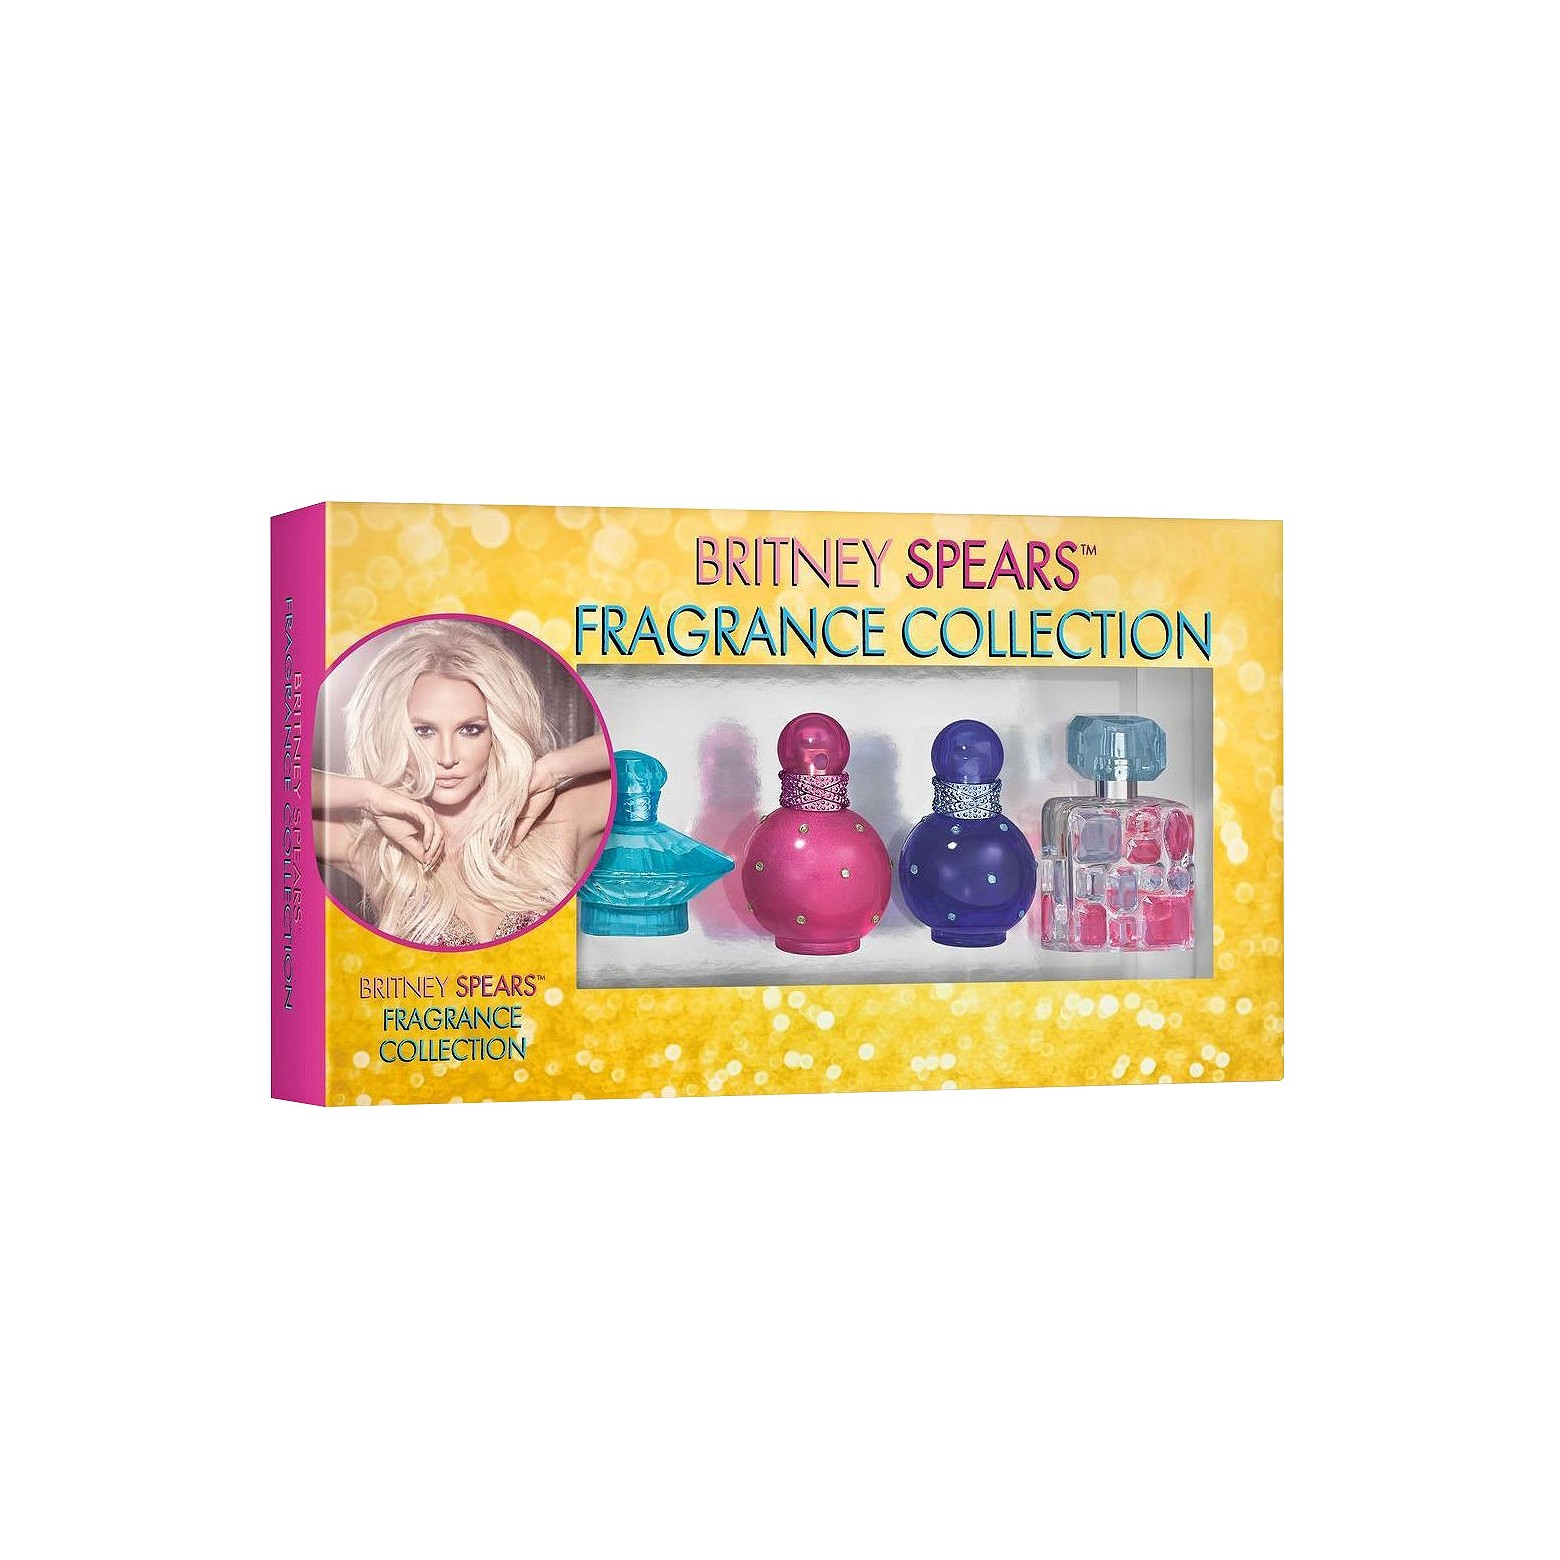 Britney Spears Fragrances Sampler Gift Set - 4 Pieces  $38 at Target.com